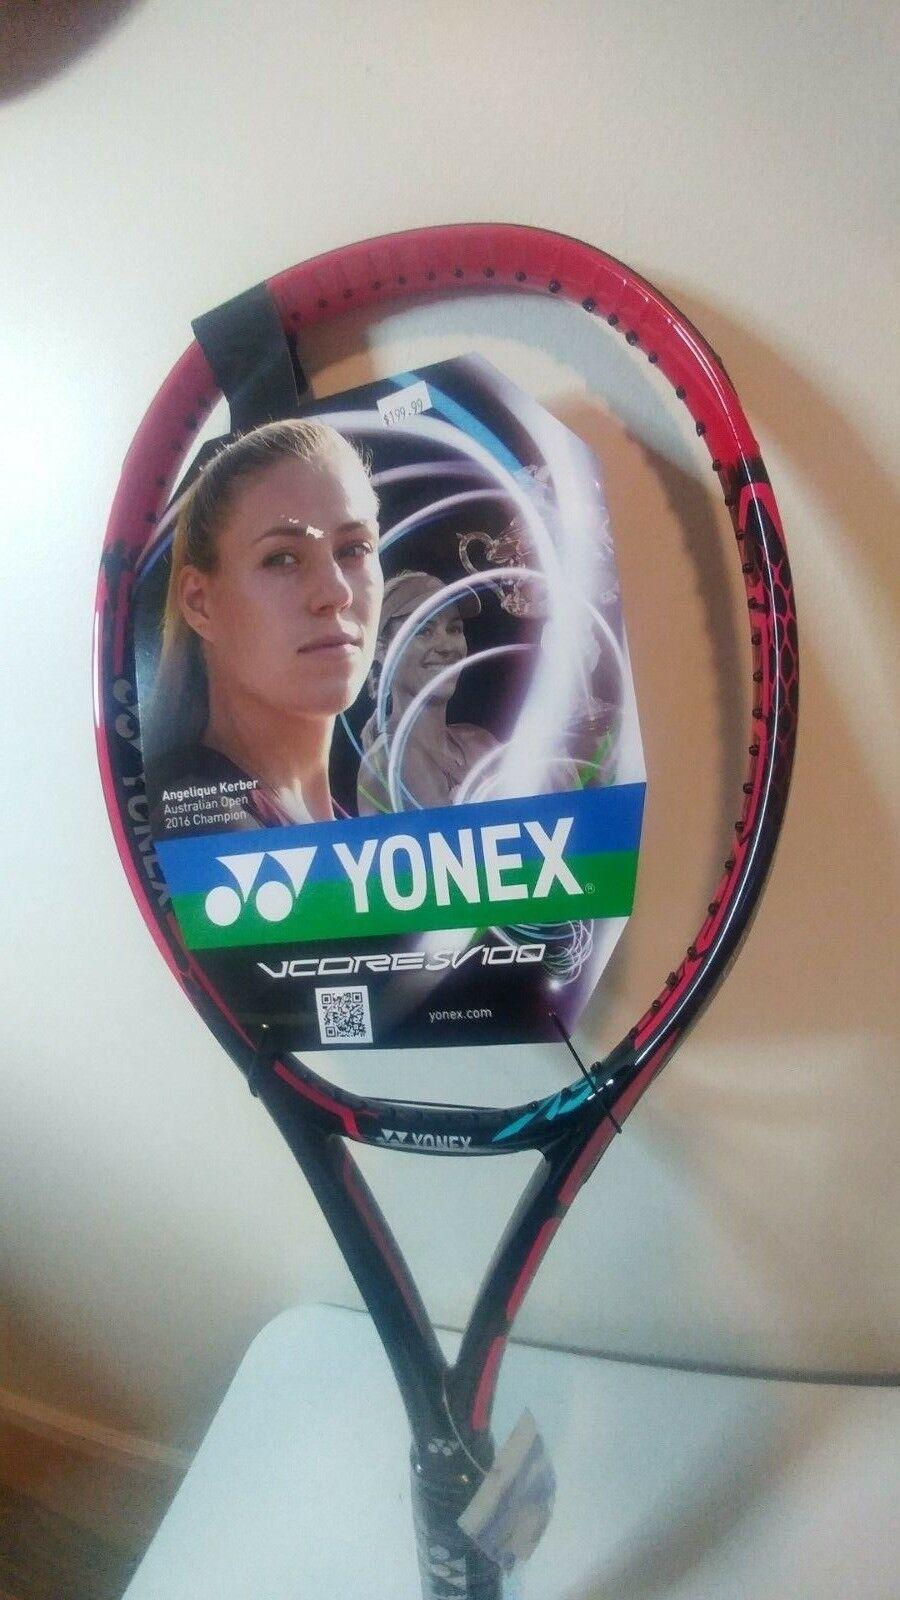 Yonex Vcore especial versión 100 (280g) Raqueta De Tenis Raqueta 4 3 8 de agarre Angelique Kerber